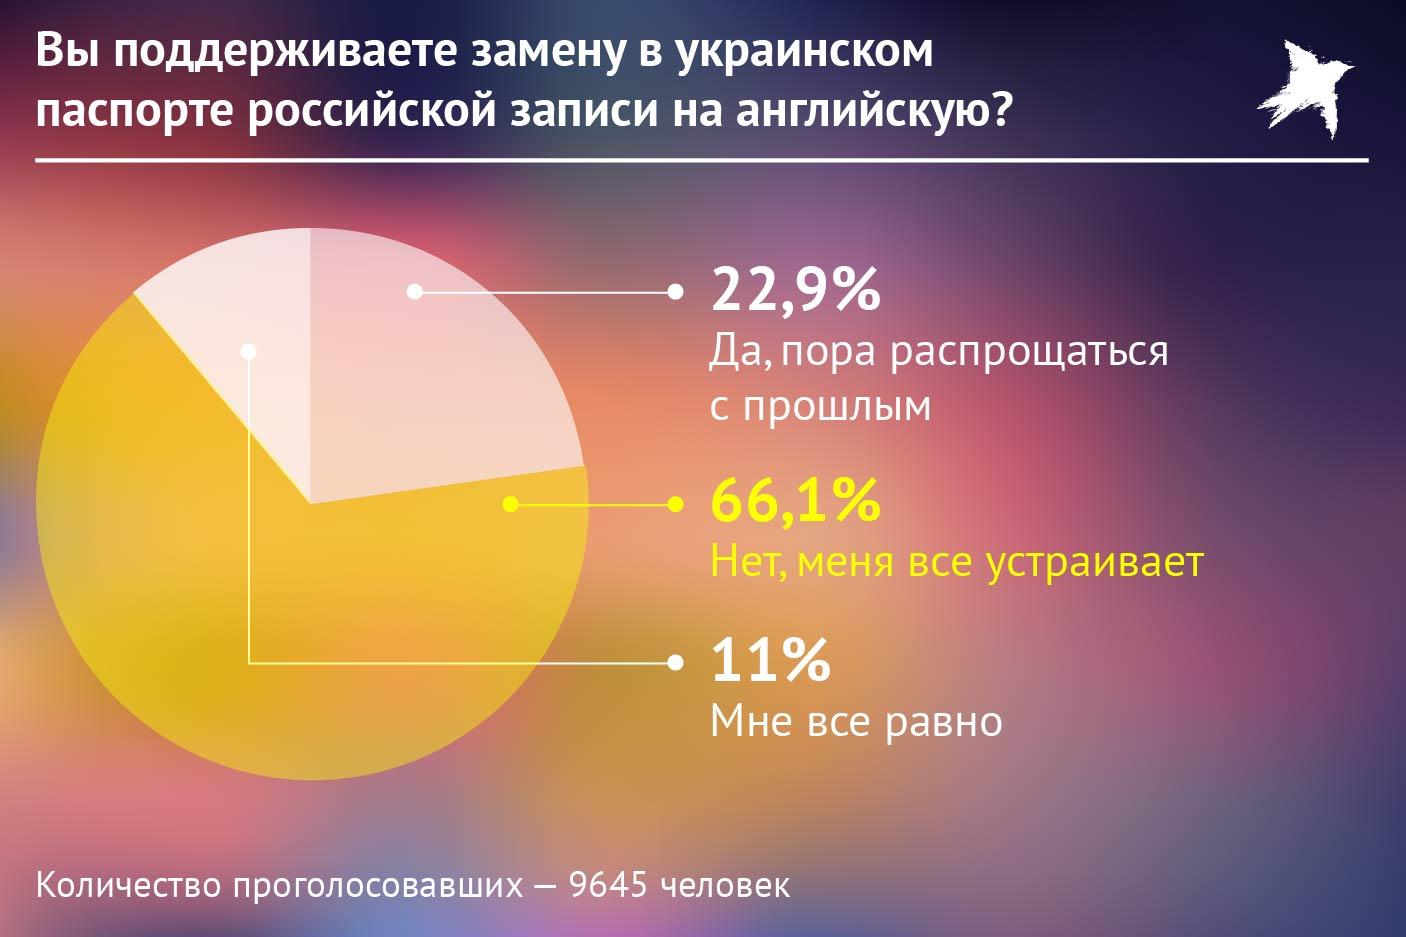 Опрос об отказе от русского языка в паспортах. Фото: Наиль ВАЛИУЛИН